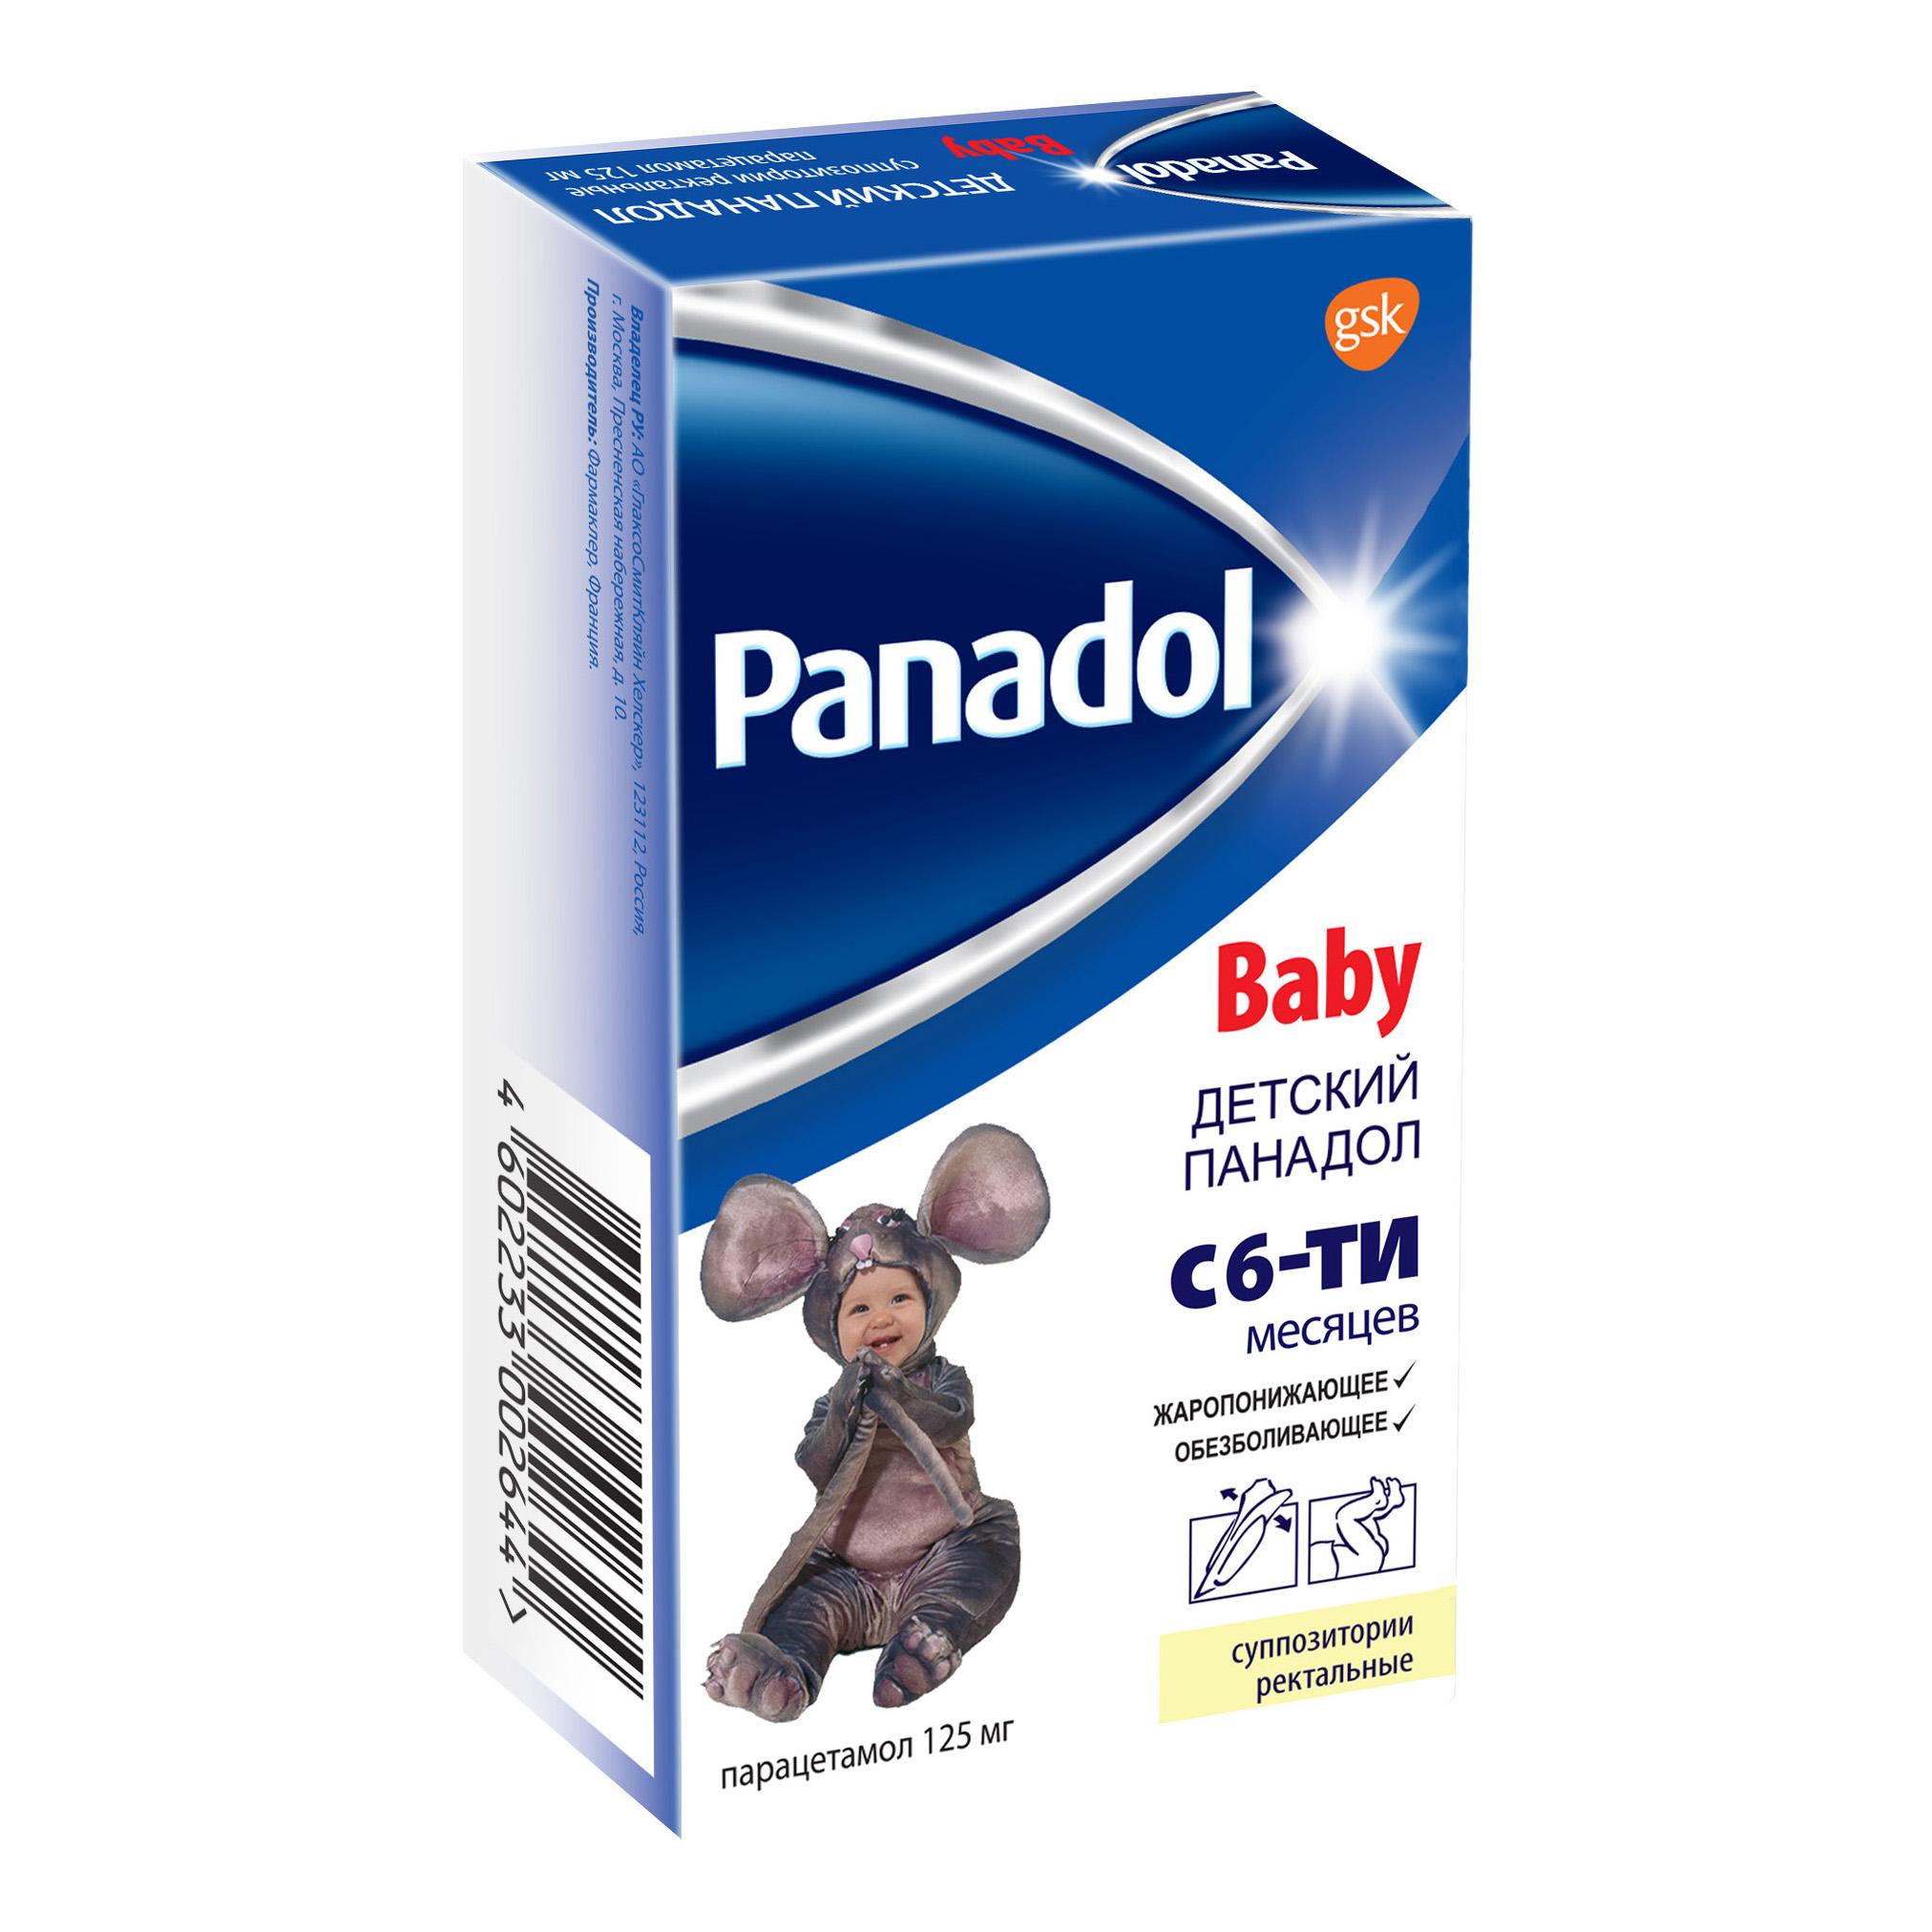 Панадол Детский жаропонижающее и болеутоляющее средство, суппозитории 125мг, 10 шт.